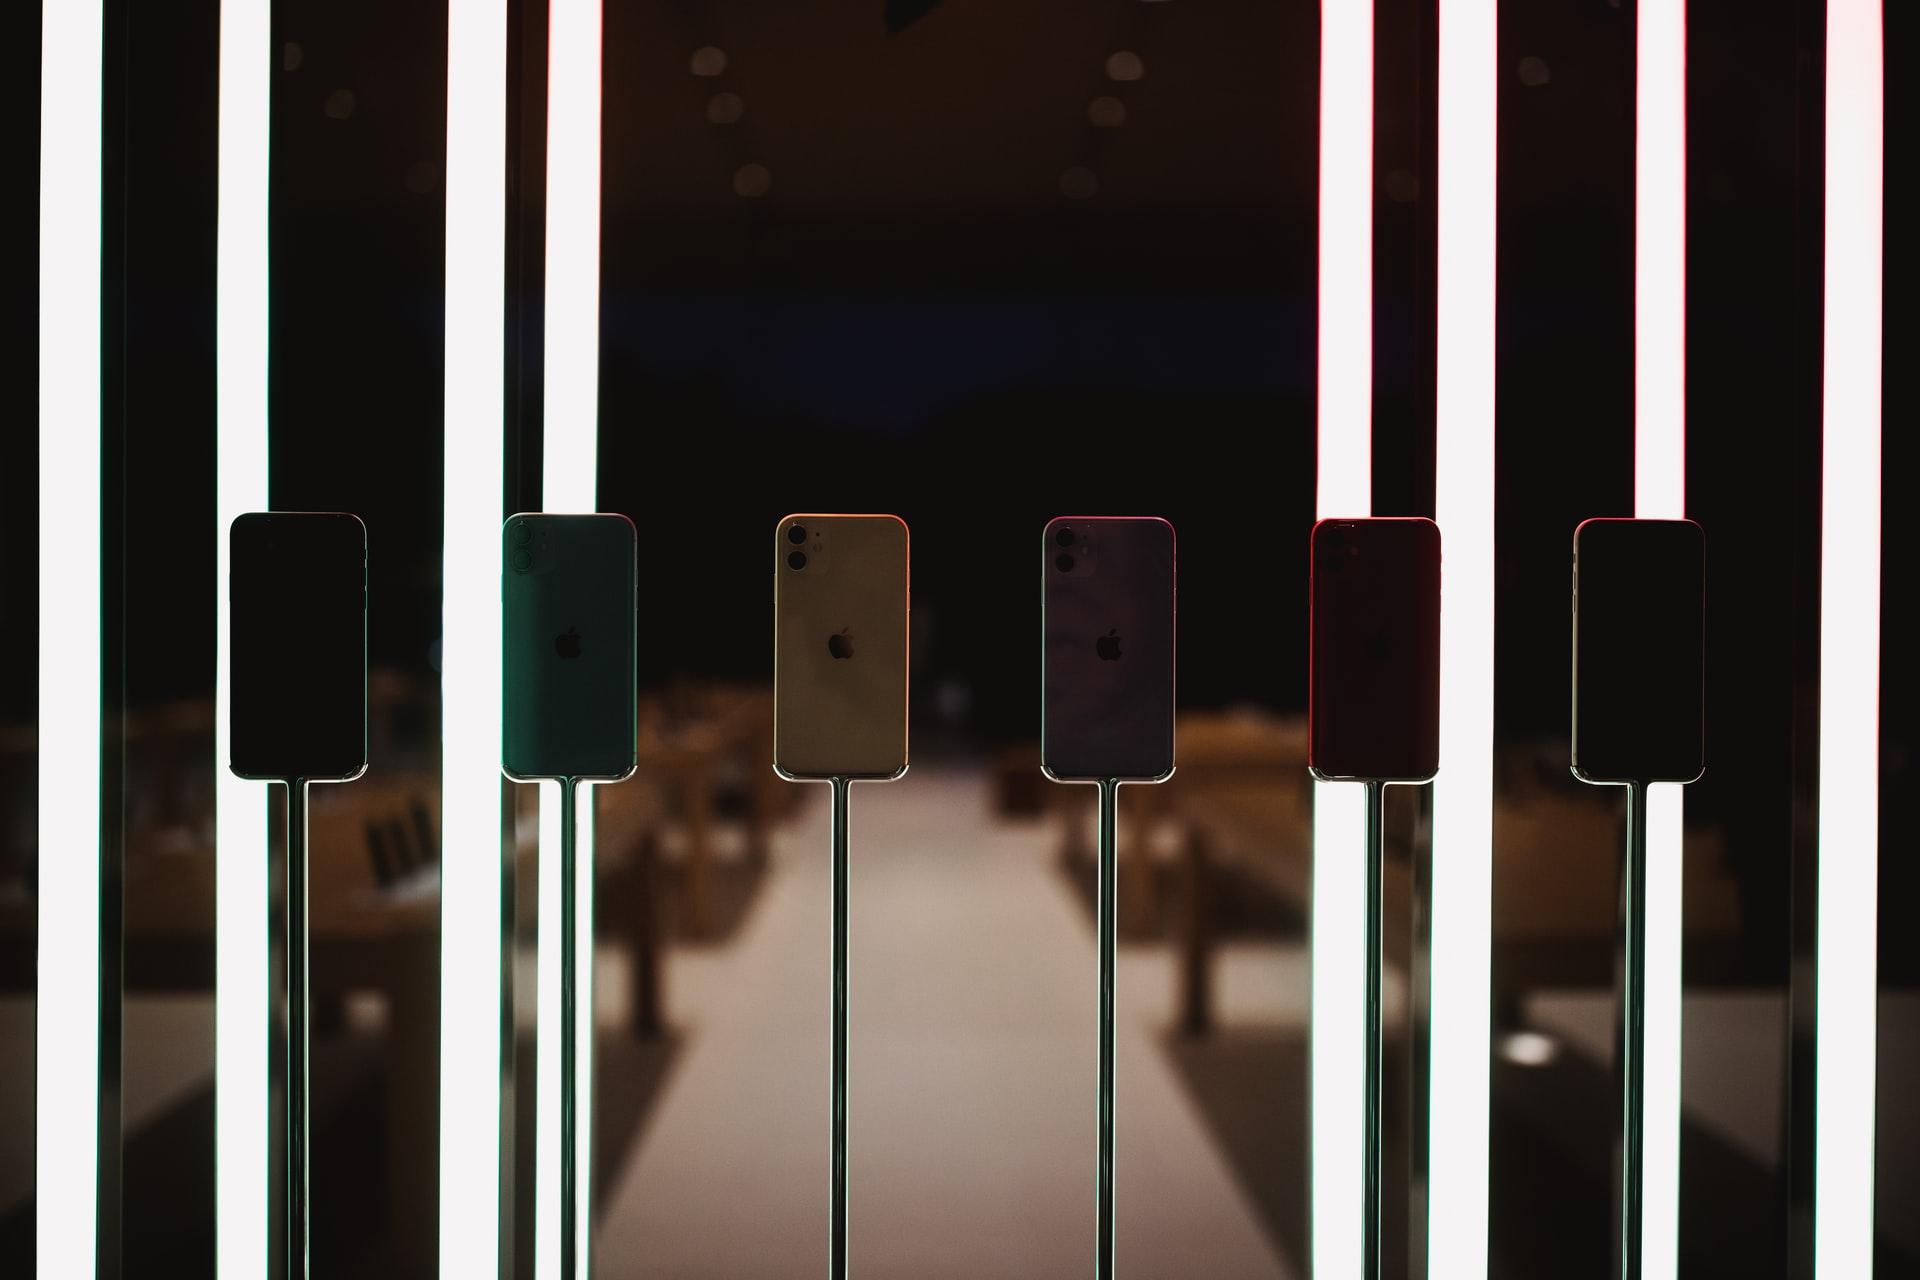 Des iPhone 11 alignés sur des présentoirs